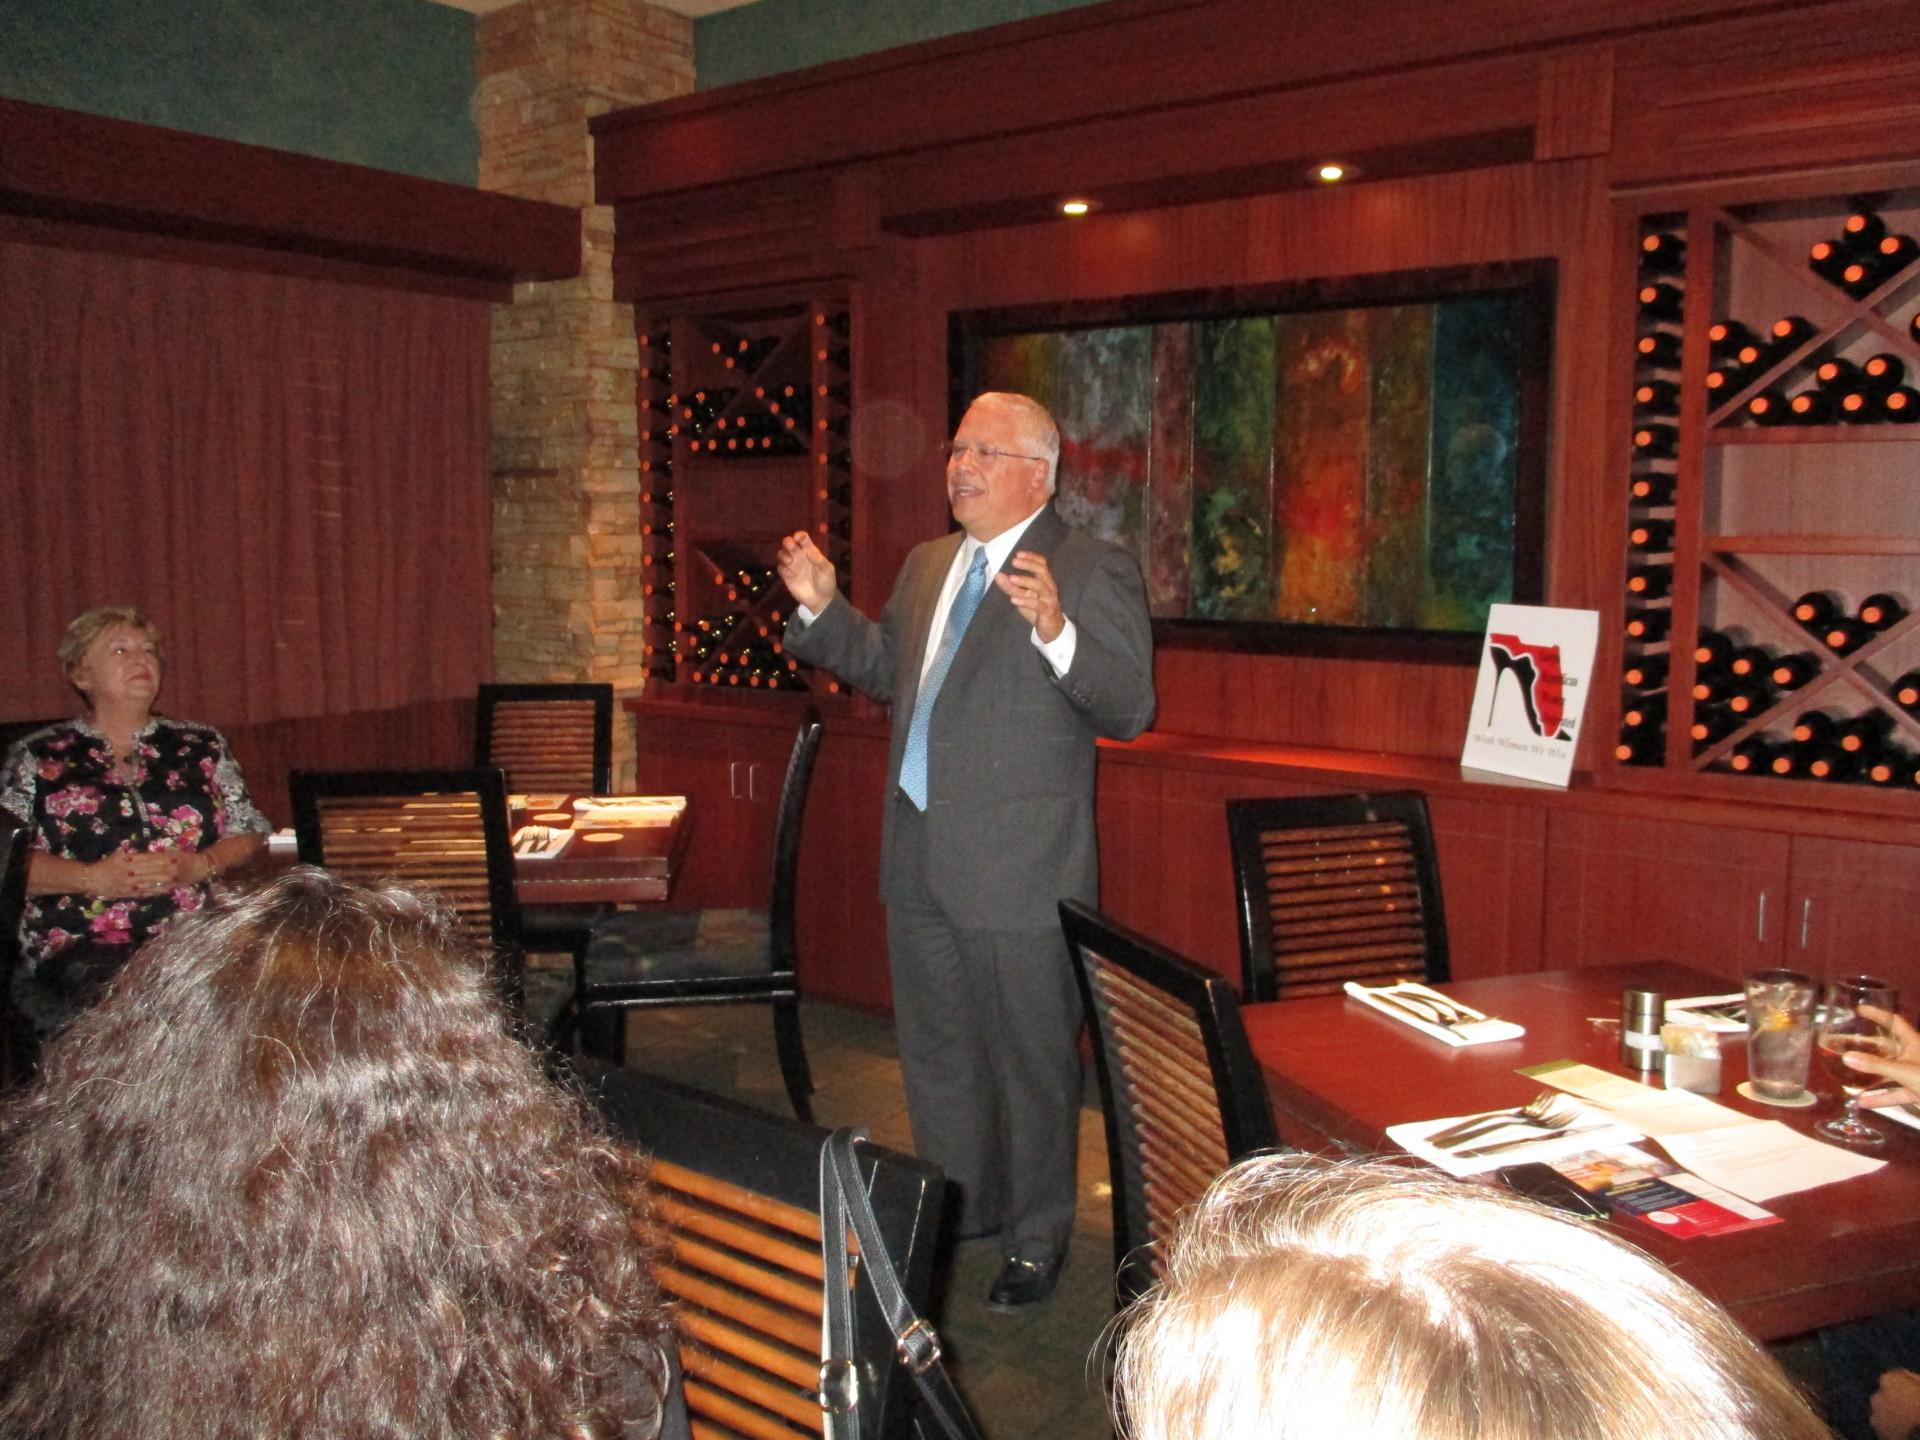 Carlos Beruff, Florida Senate Candidate 2016